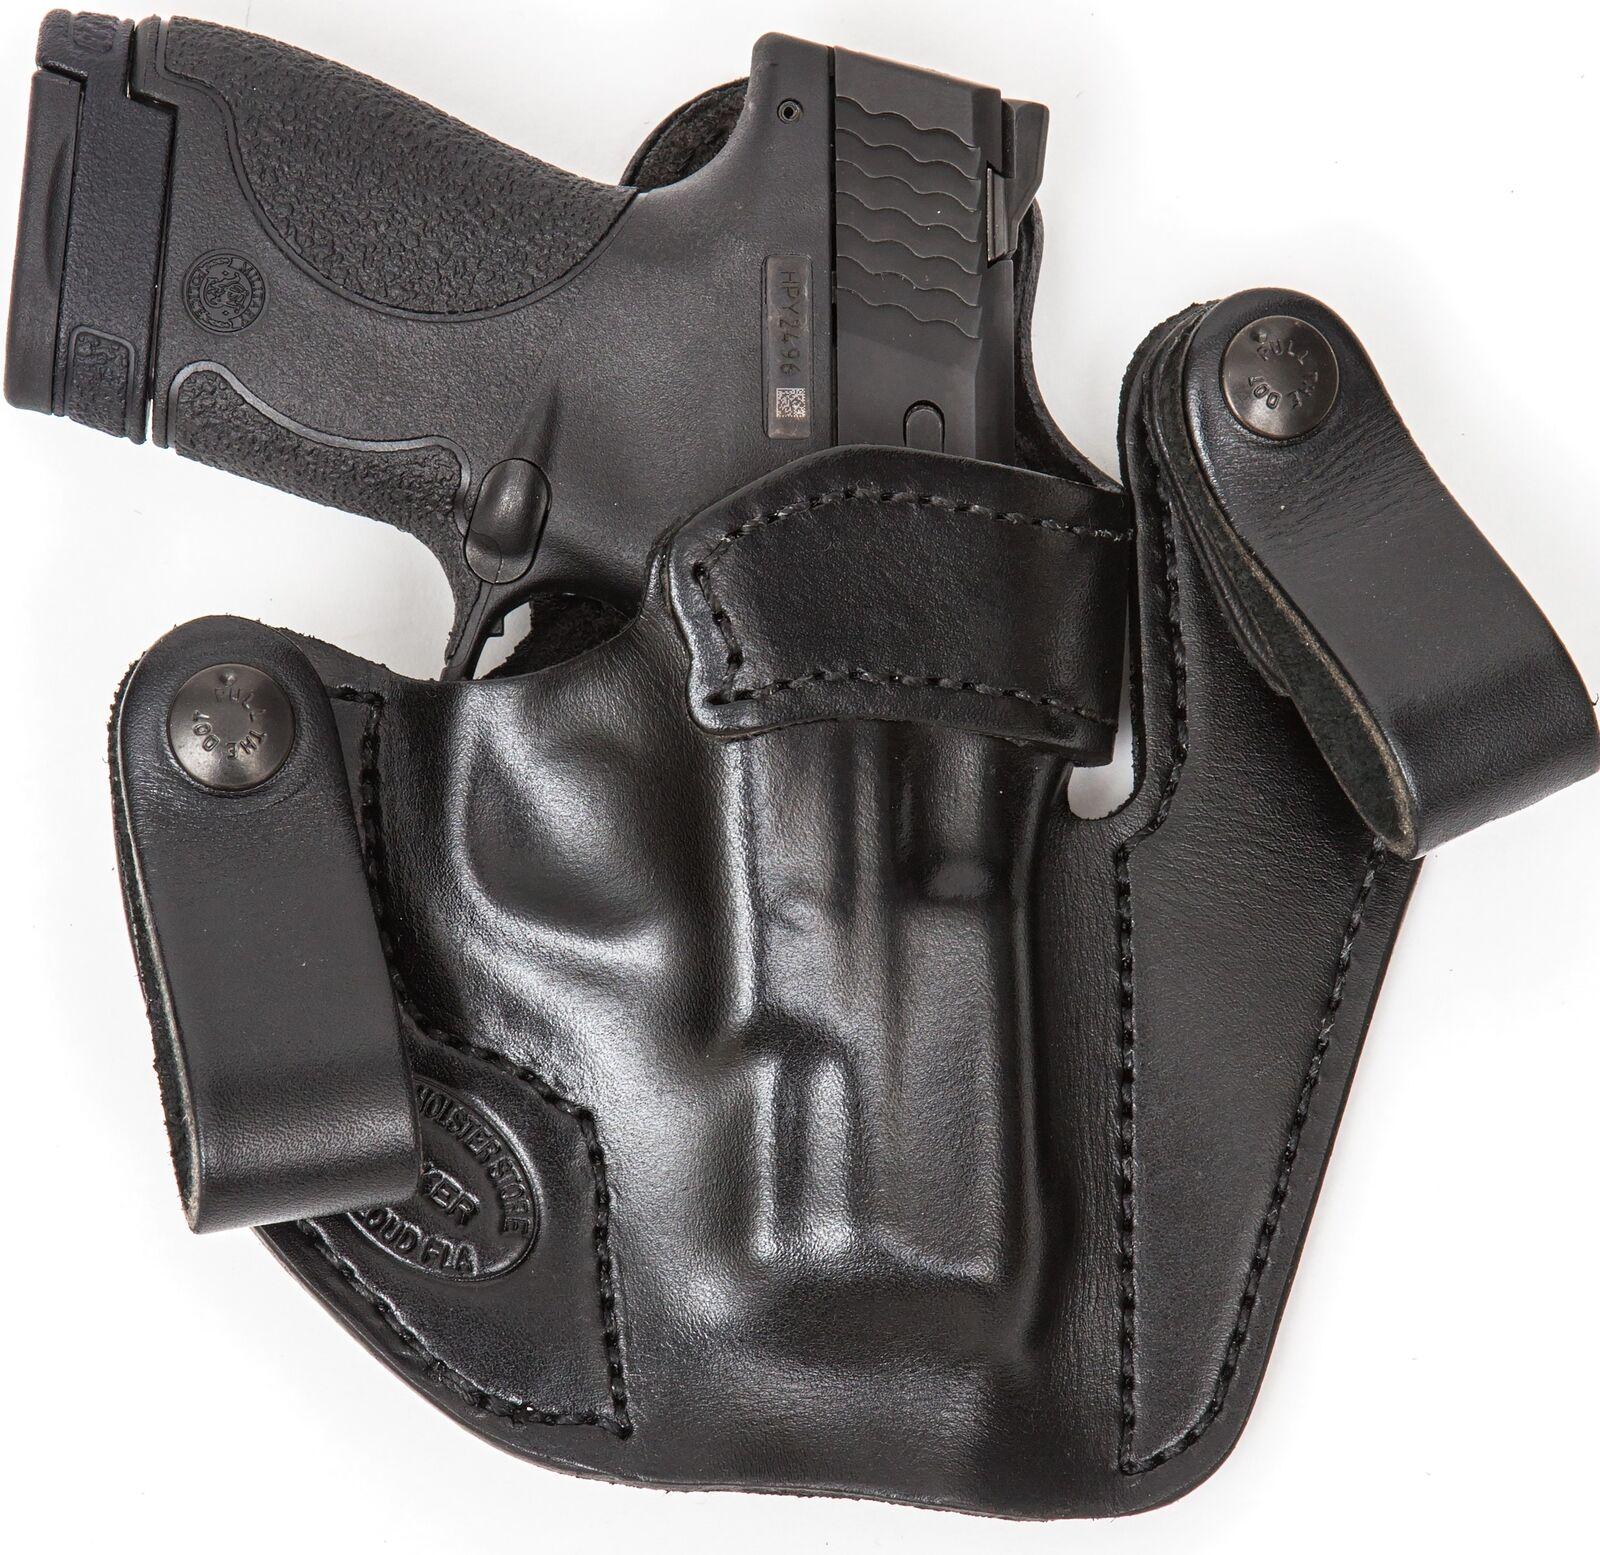 XTREME CARRY RH LH IWB Leder Gun Gun Gun Holster For Dan Wesson 1911 CCO 4.25 40539e